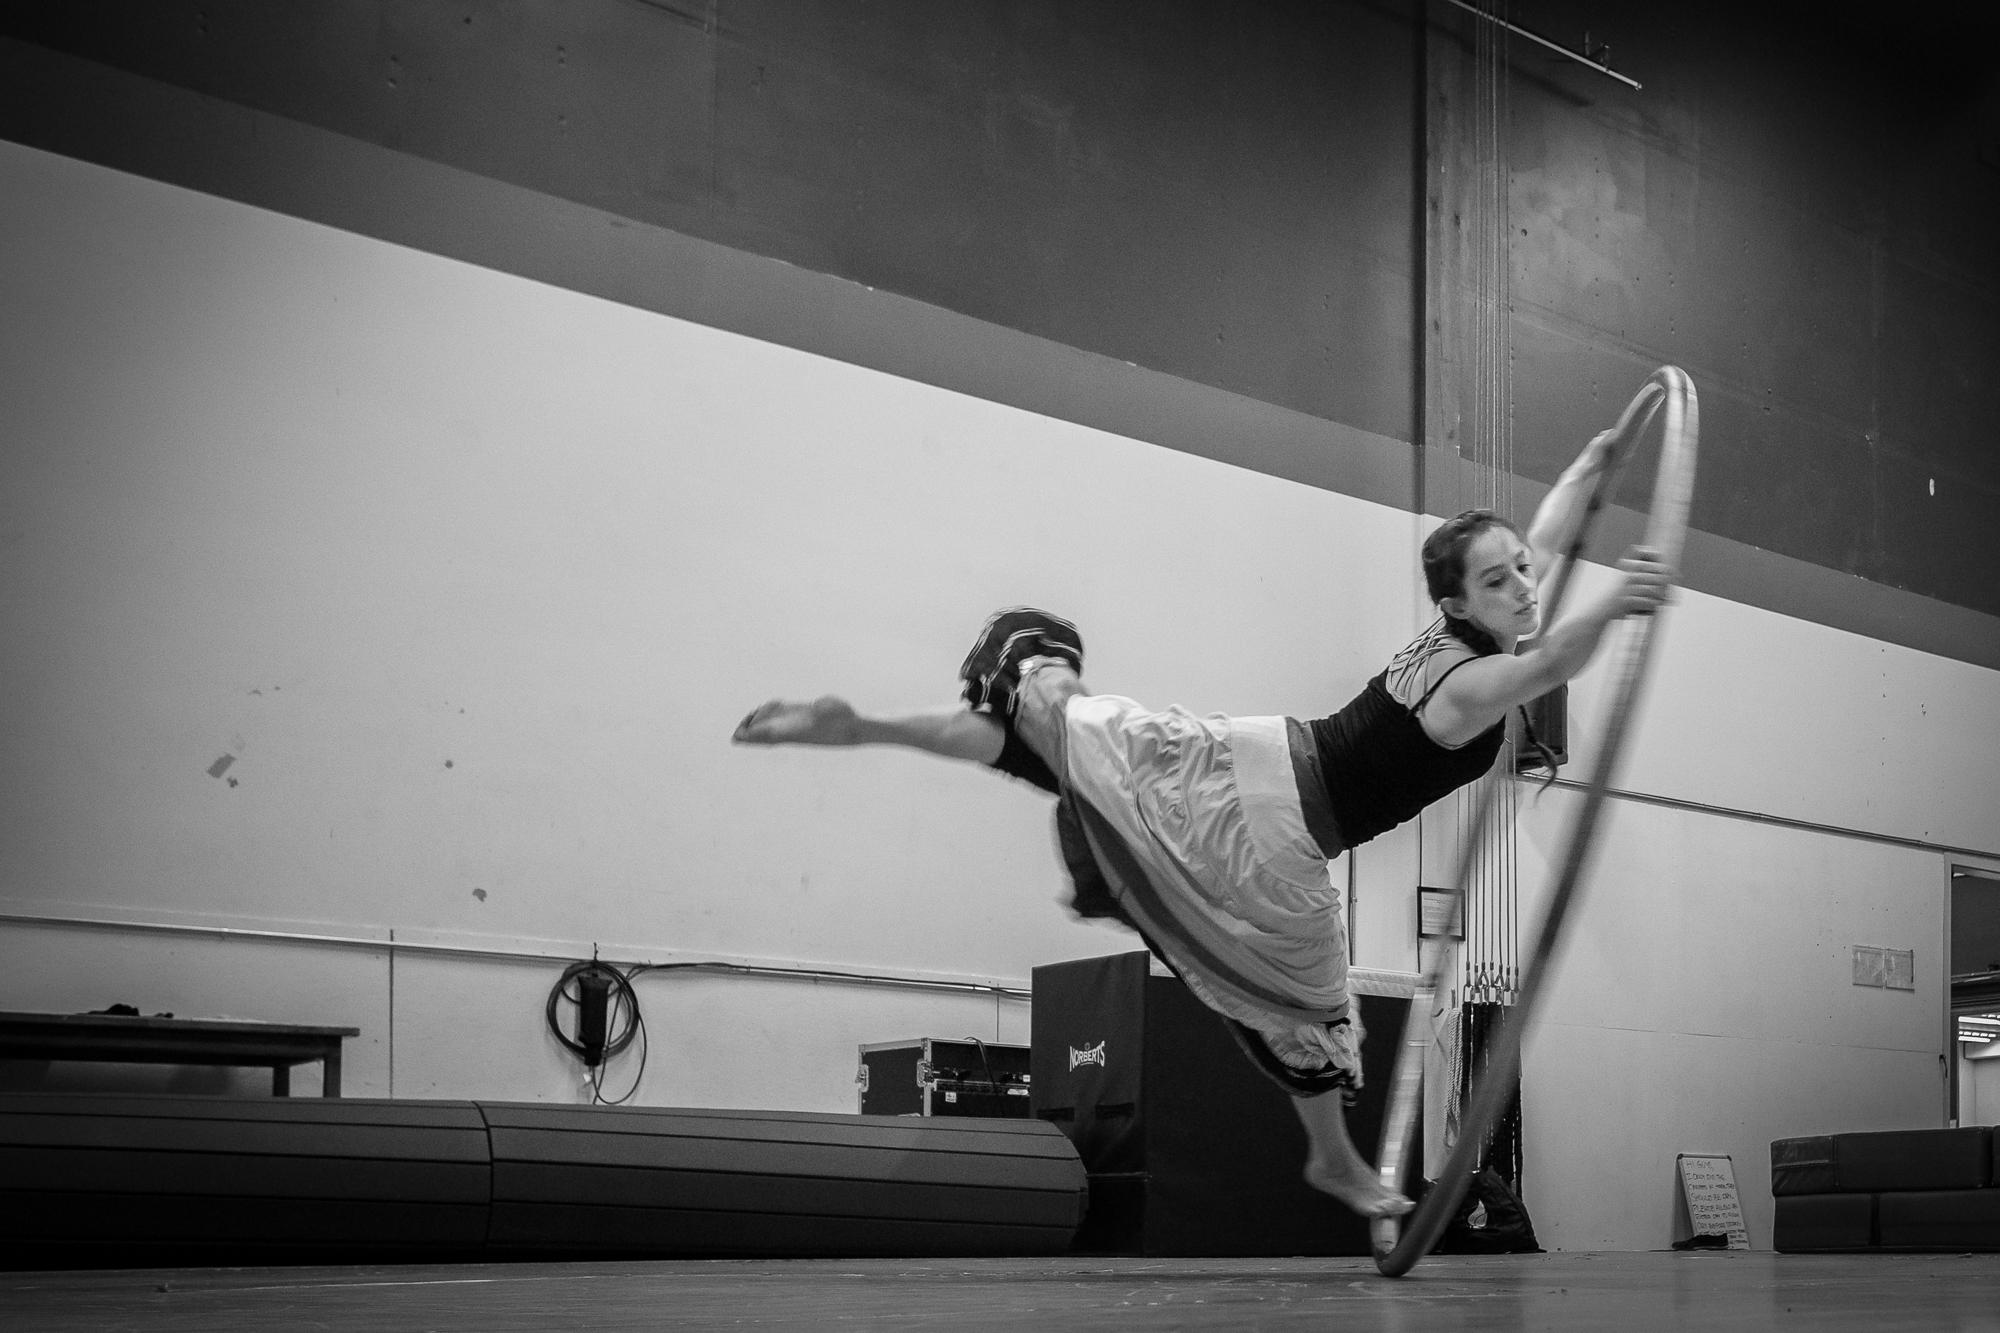 Emma Curtiss, Aerial Acrobat